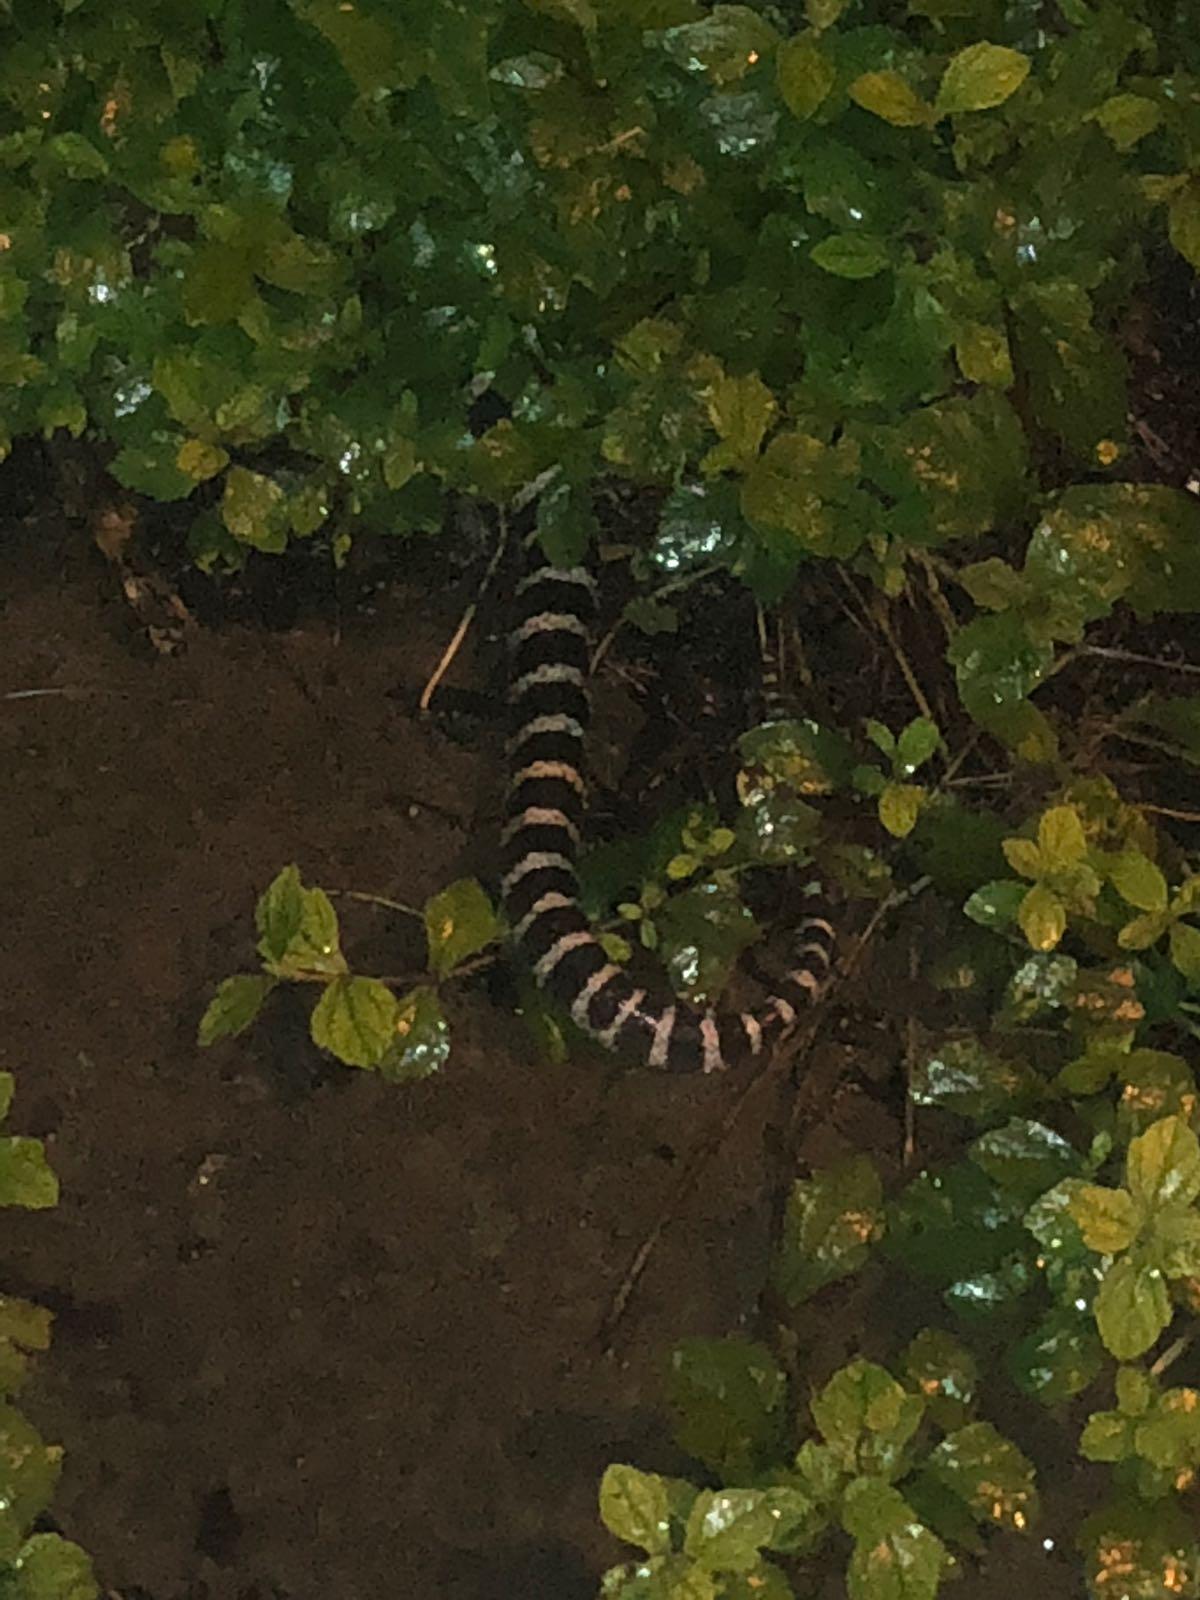 懷疑是金腳帶的毒蛇被沖上行人路。讀者提供